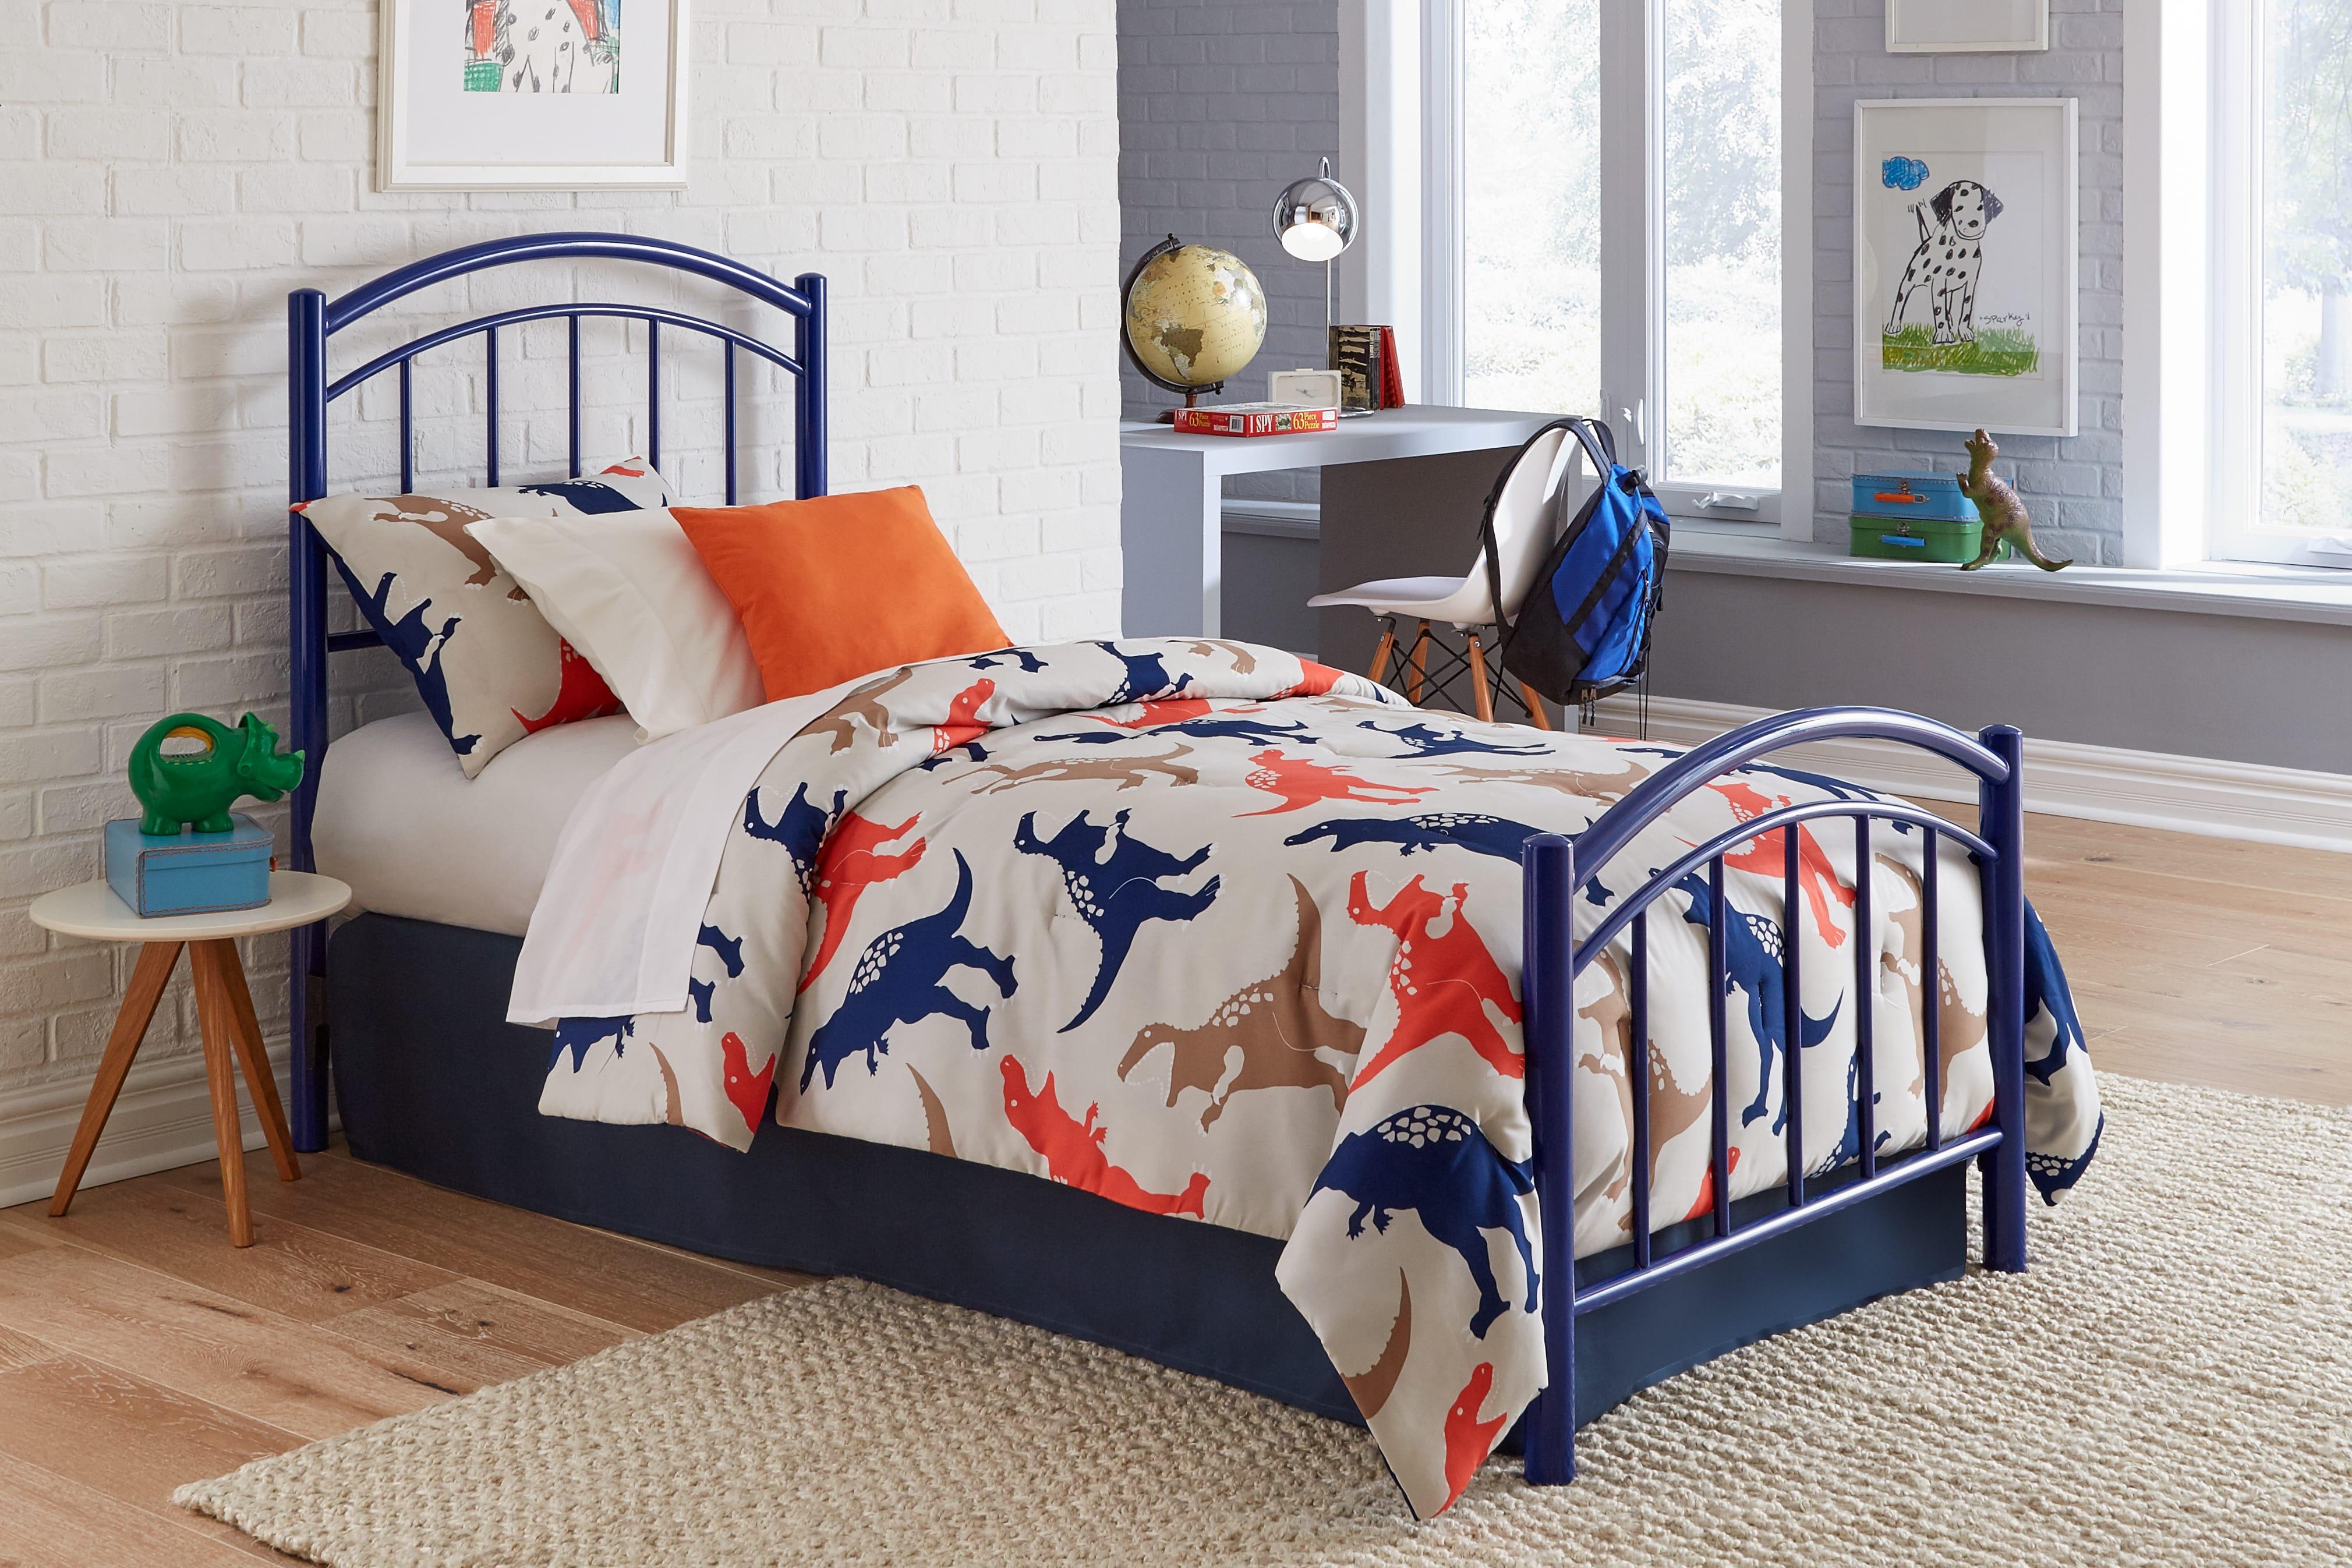 Fashion Bed Rylan Fashion Kids™ Bed